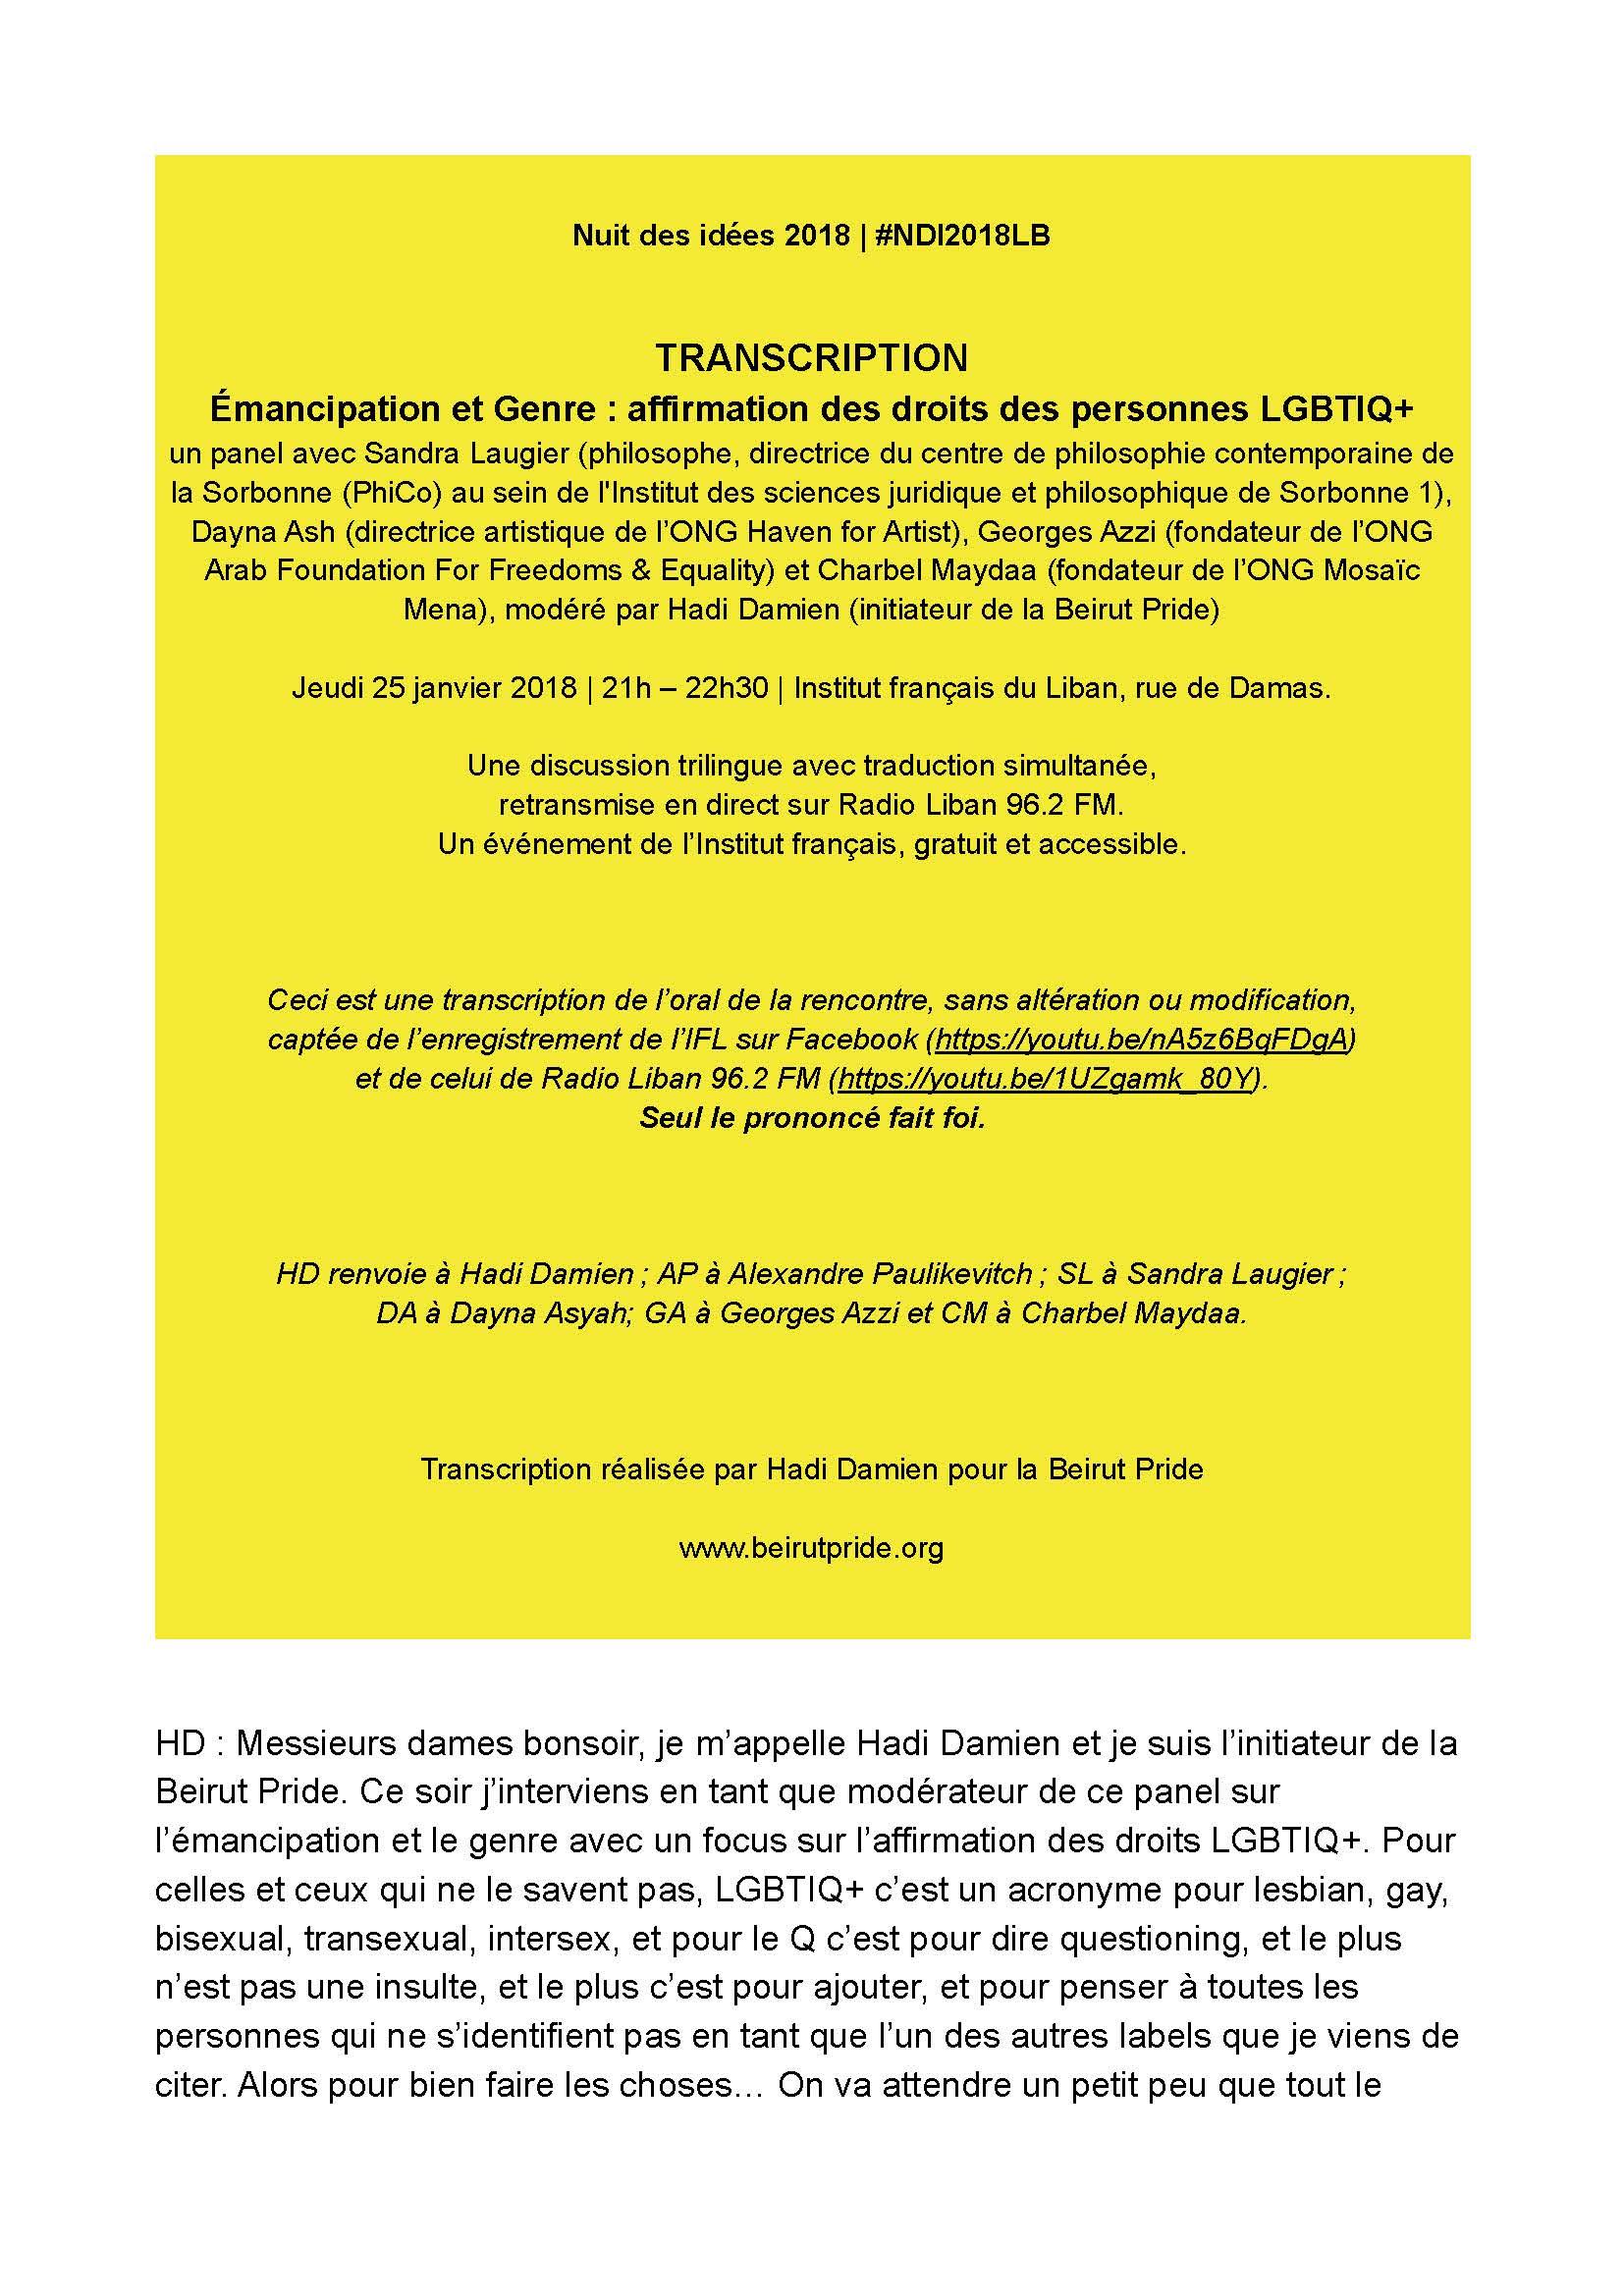 Transcription Nuit des idées 2018_Page_01.jpg